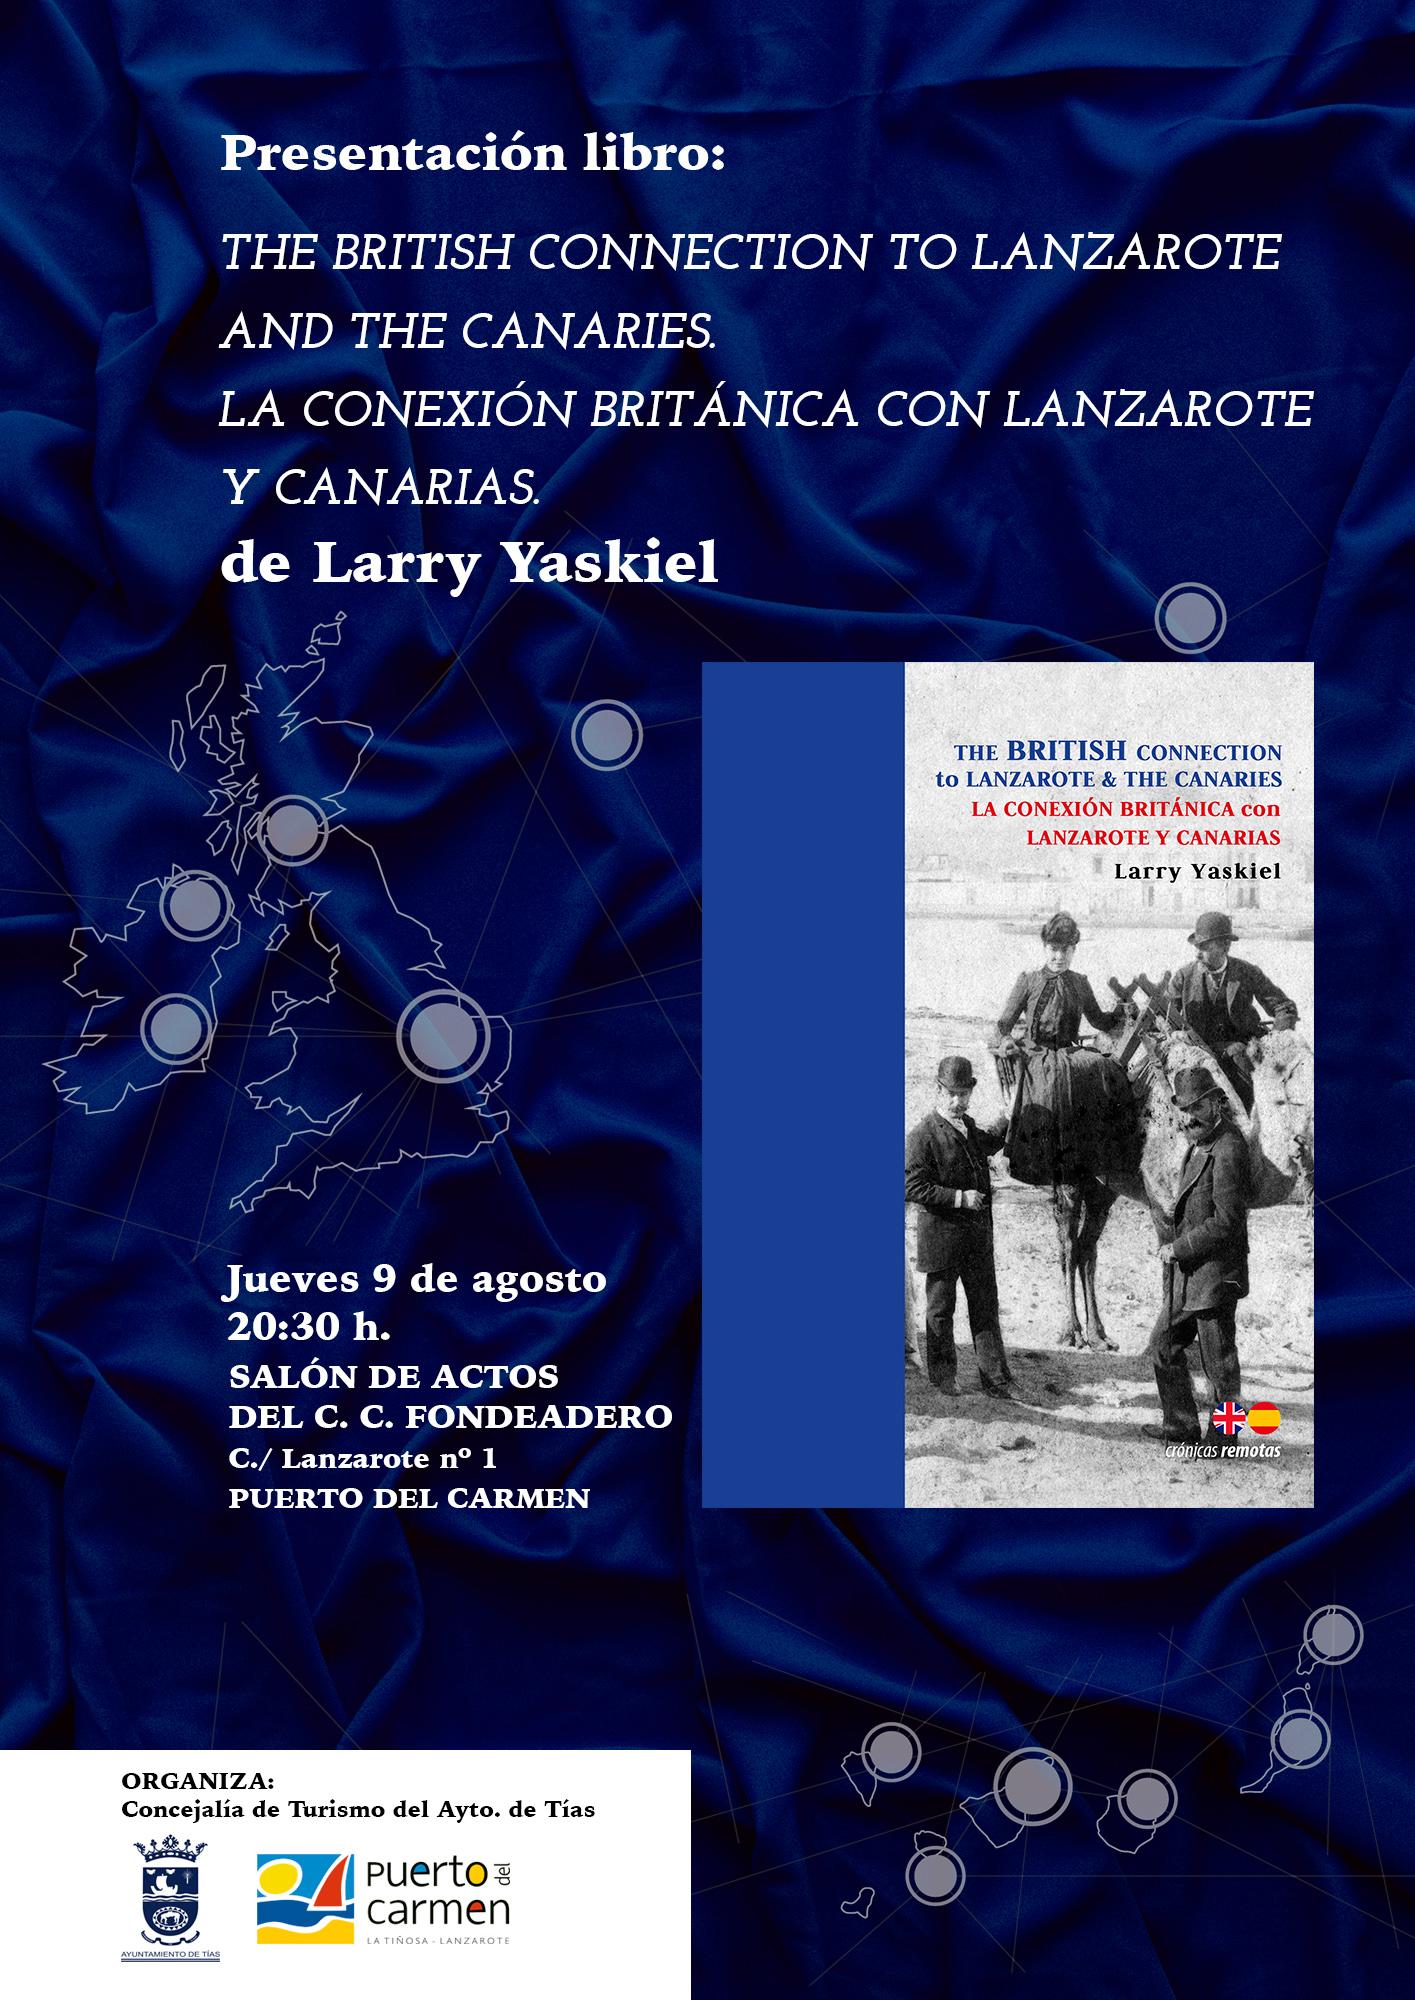 Cartel anunciador del libro de Larry Yaskiel.jpg